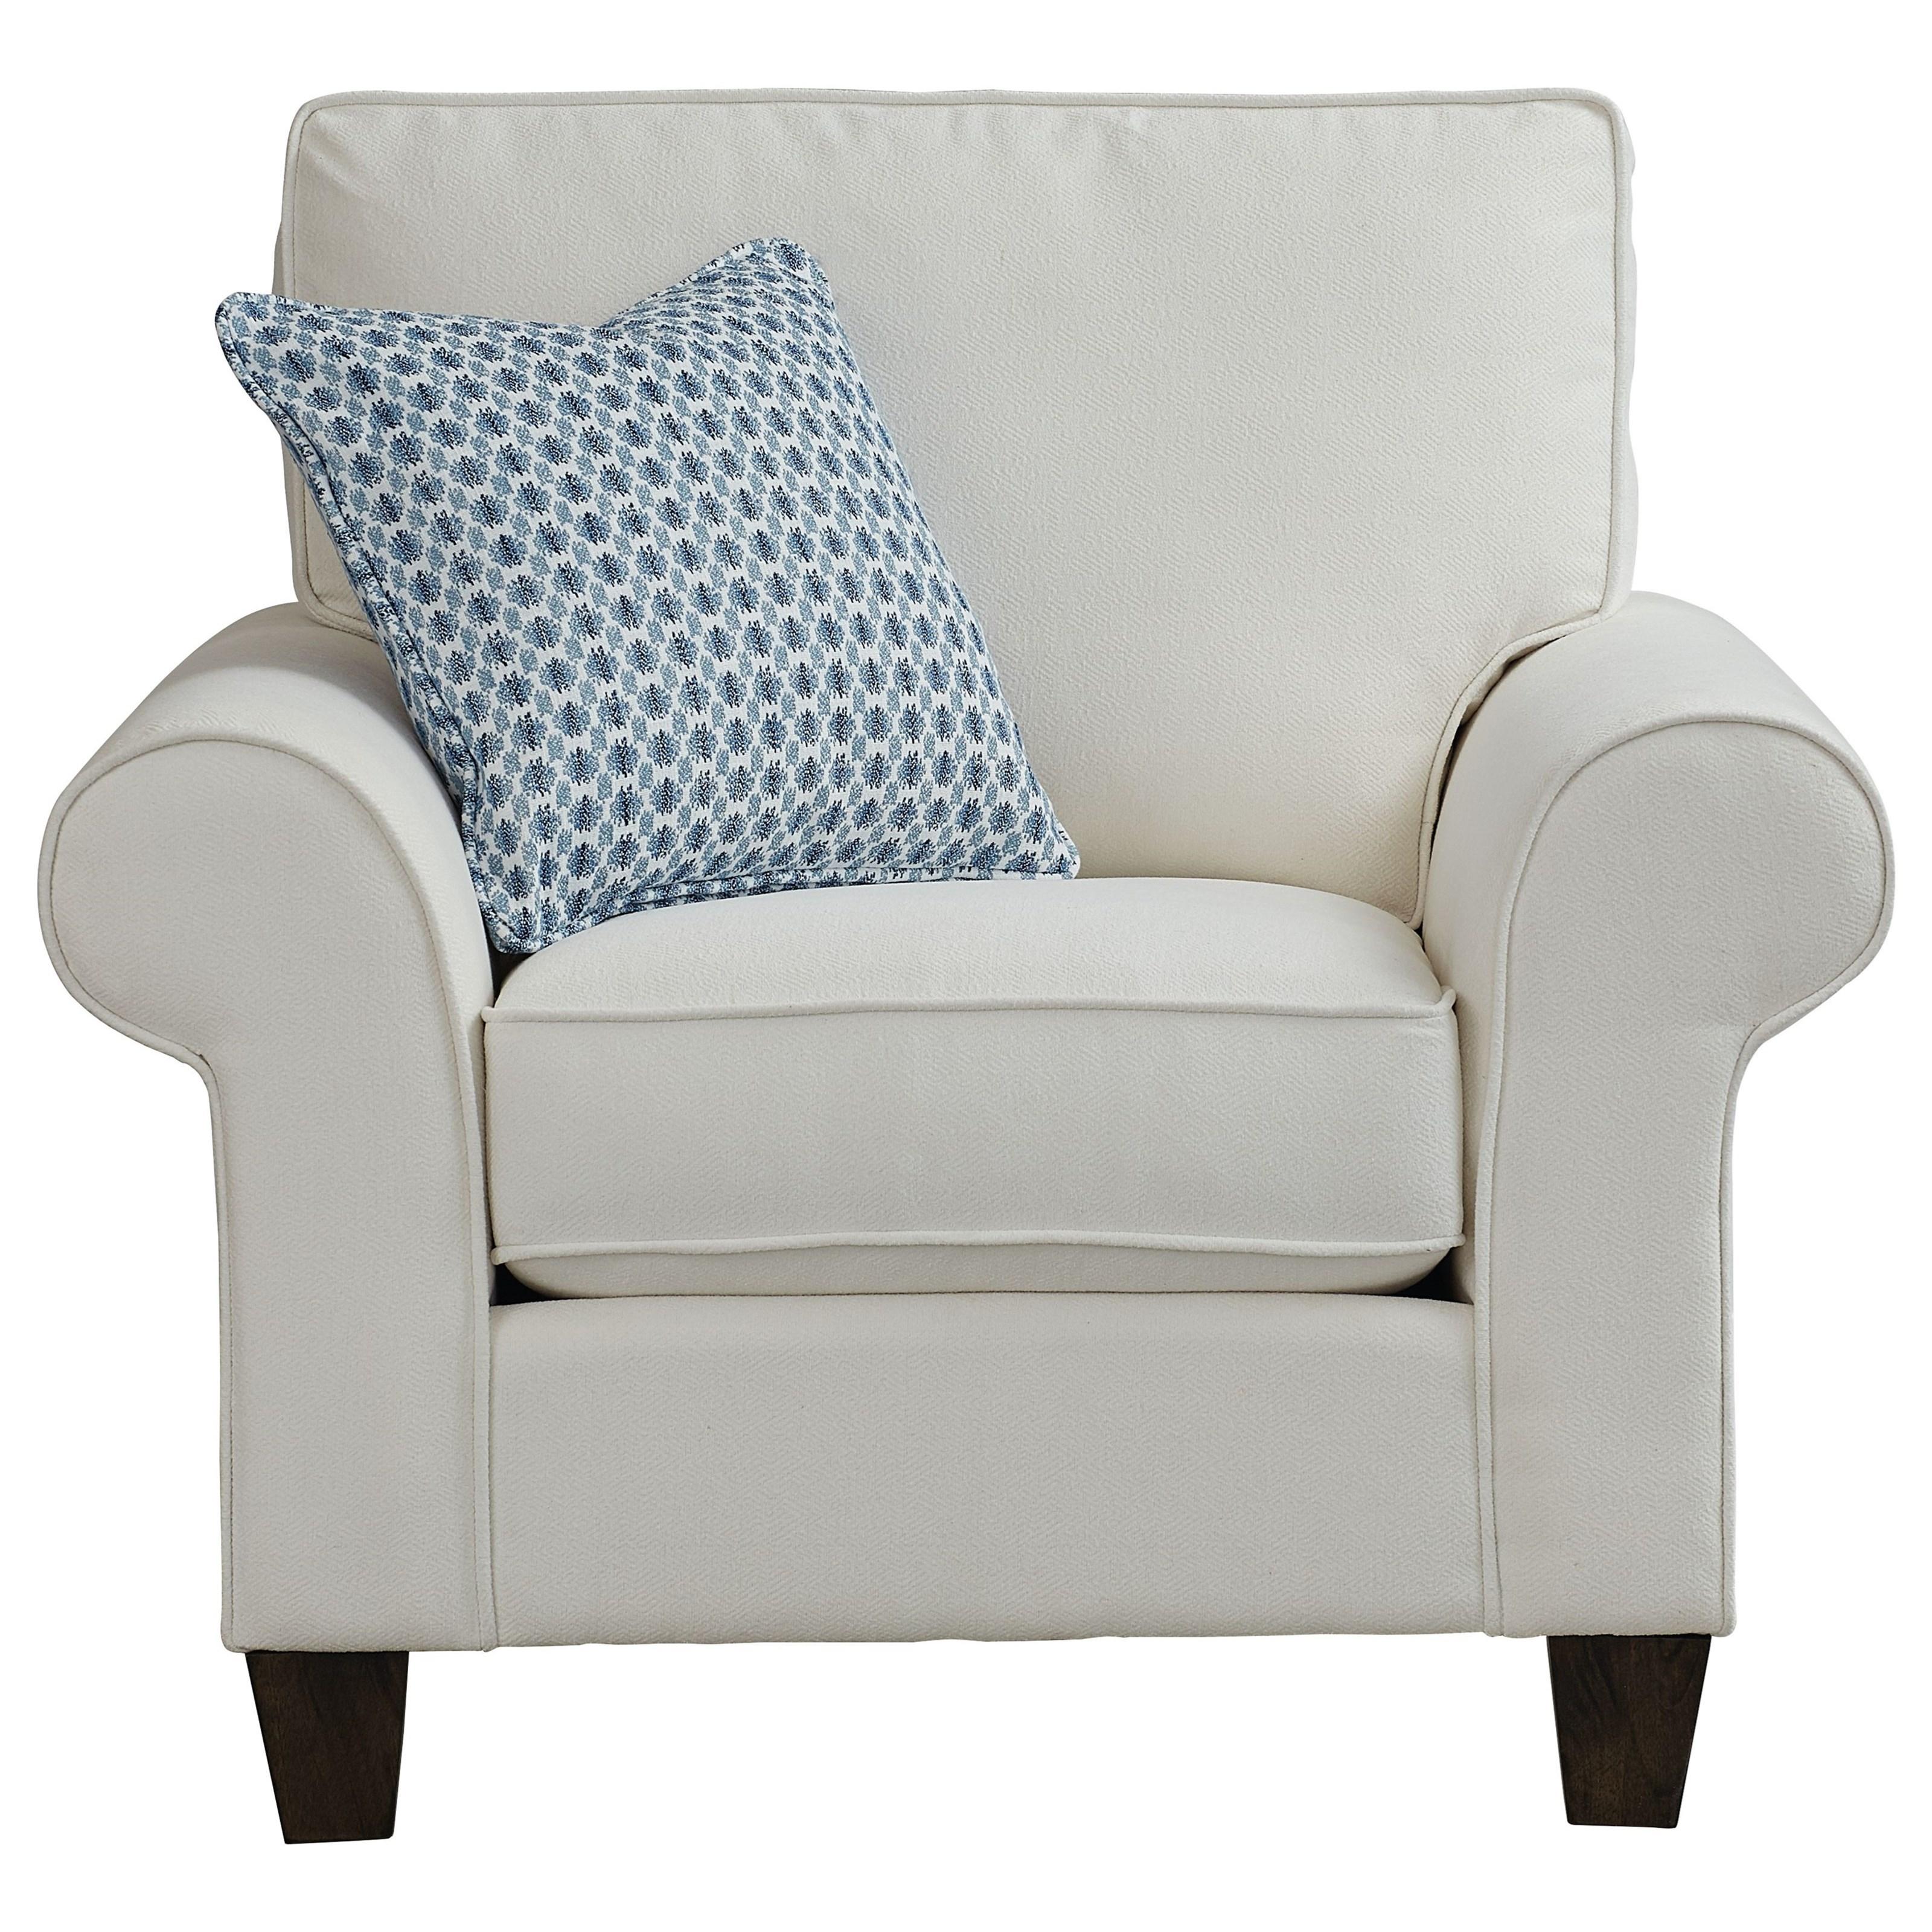 Sanderson Chair by Bassett at Bassett of Cool Springs